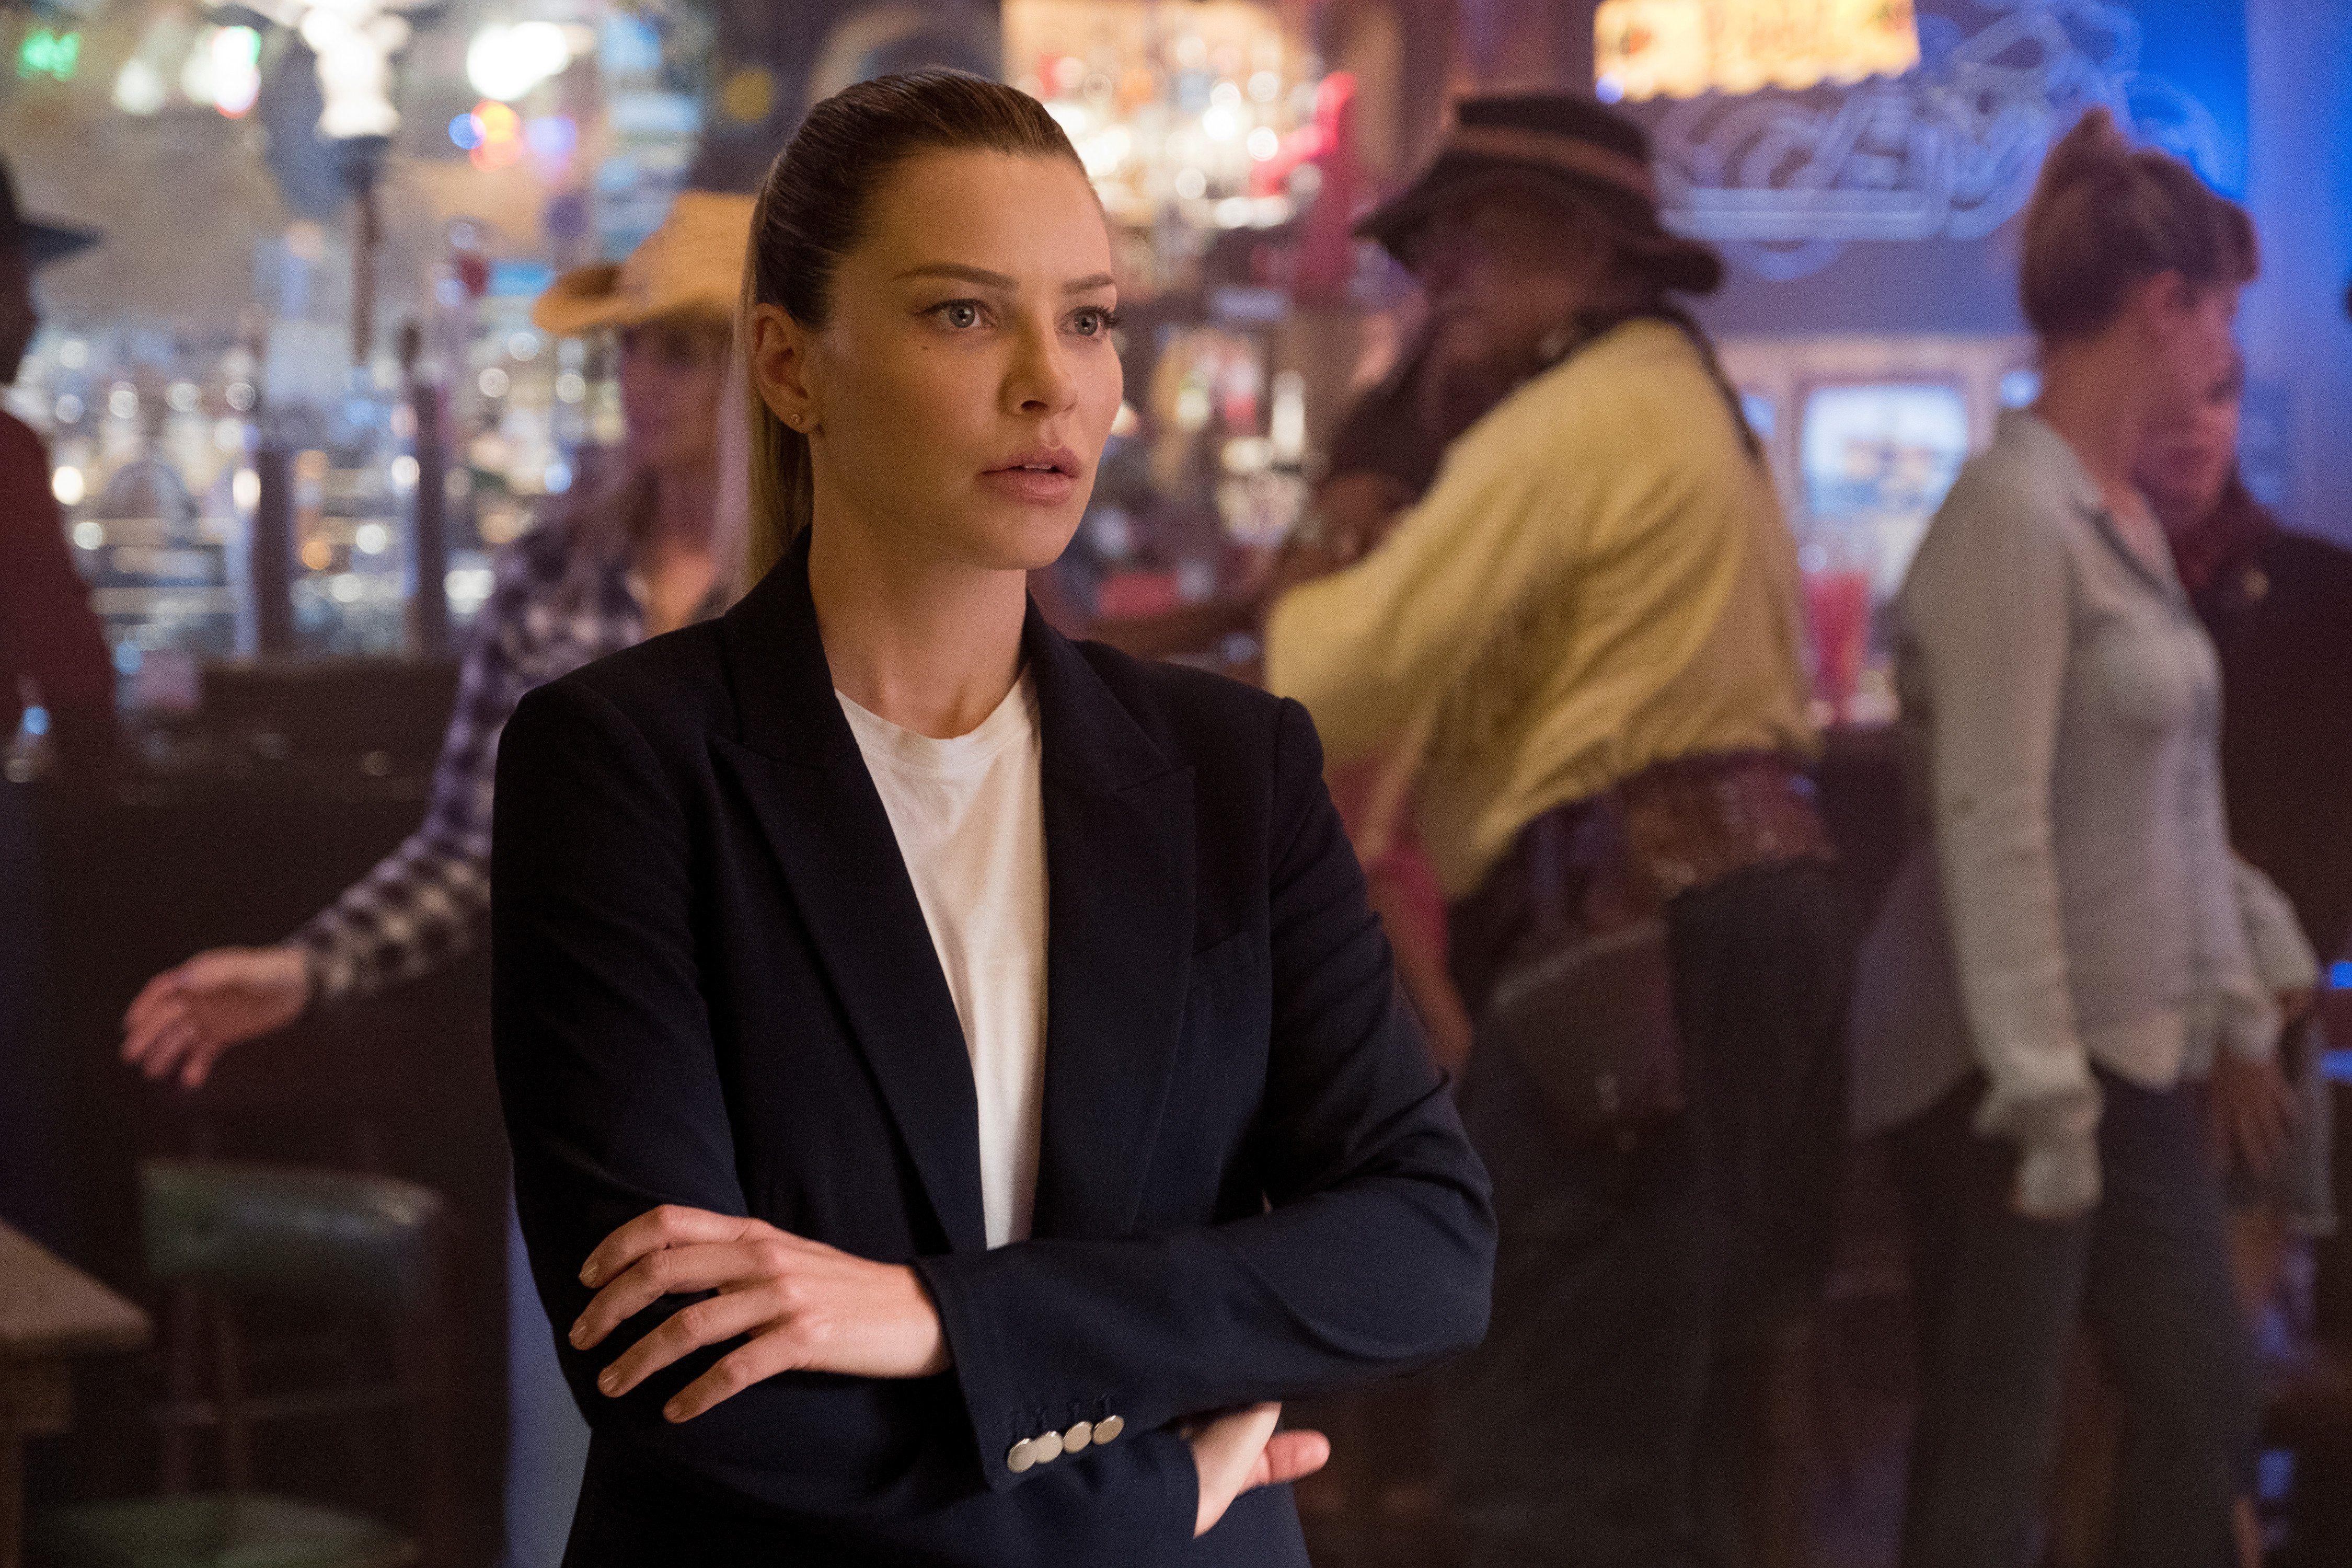 Lucifer Season 5 Spoilers Chloe Decker Actress Leaks A Possible Season 5 Confirmation On Twitter Chloe Decker Lucifer Lauren German